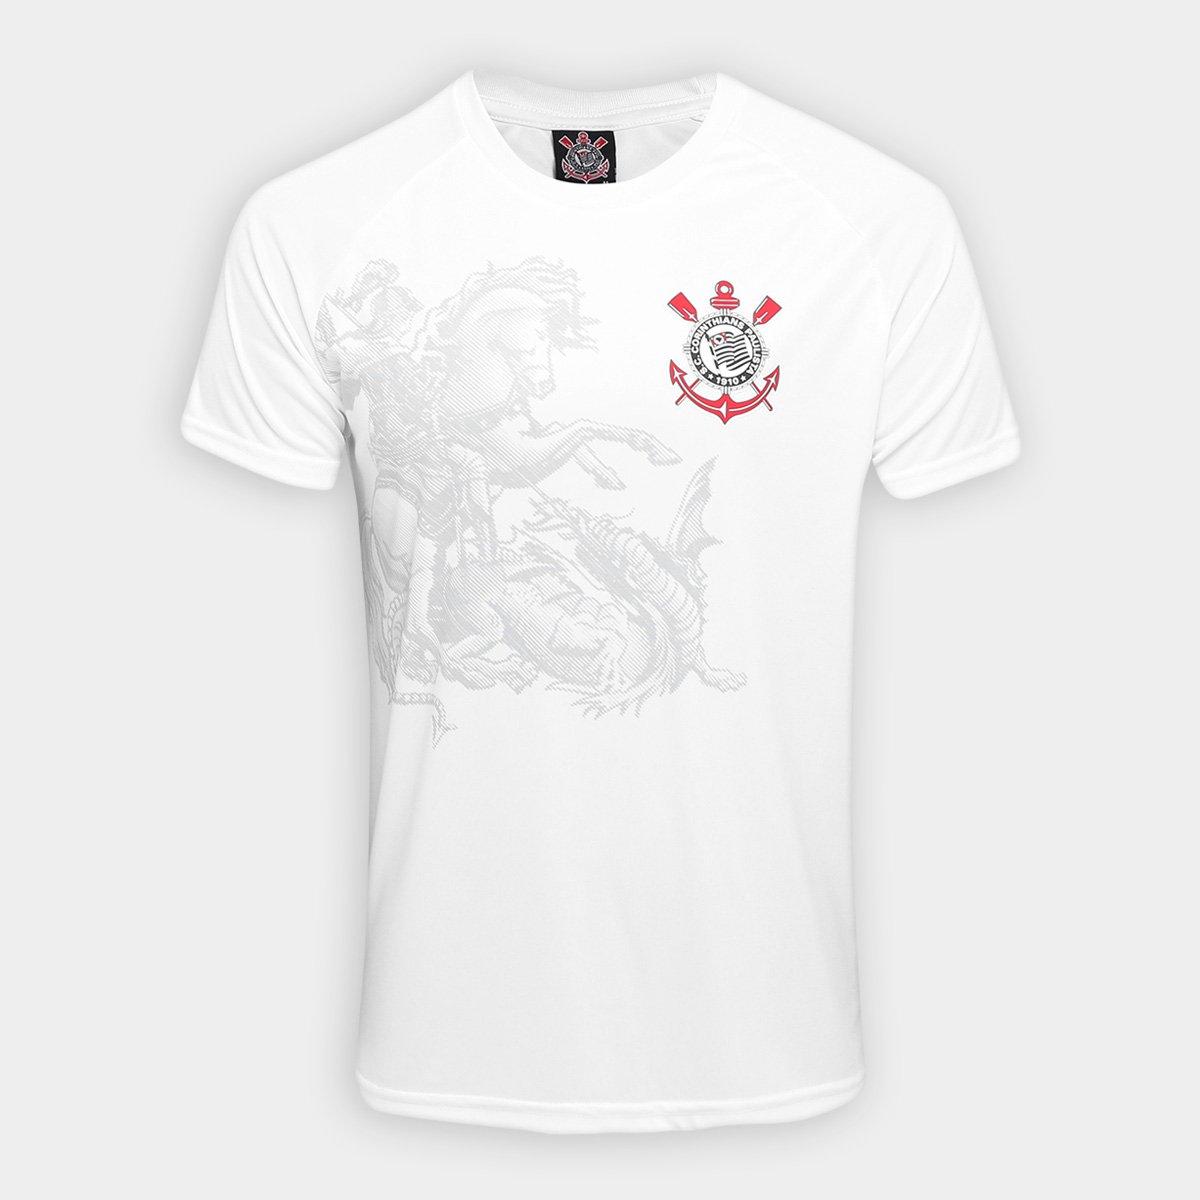 ebfe96ccc1 Camisa Corinthians São Jorge Edição Limitada Masculina   Netshoes